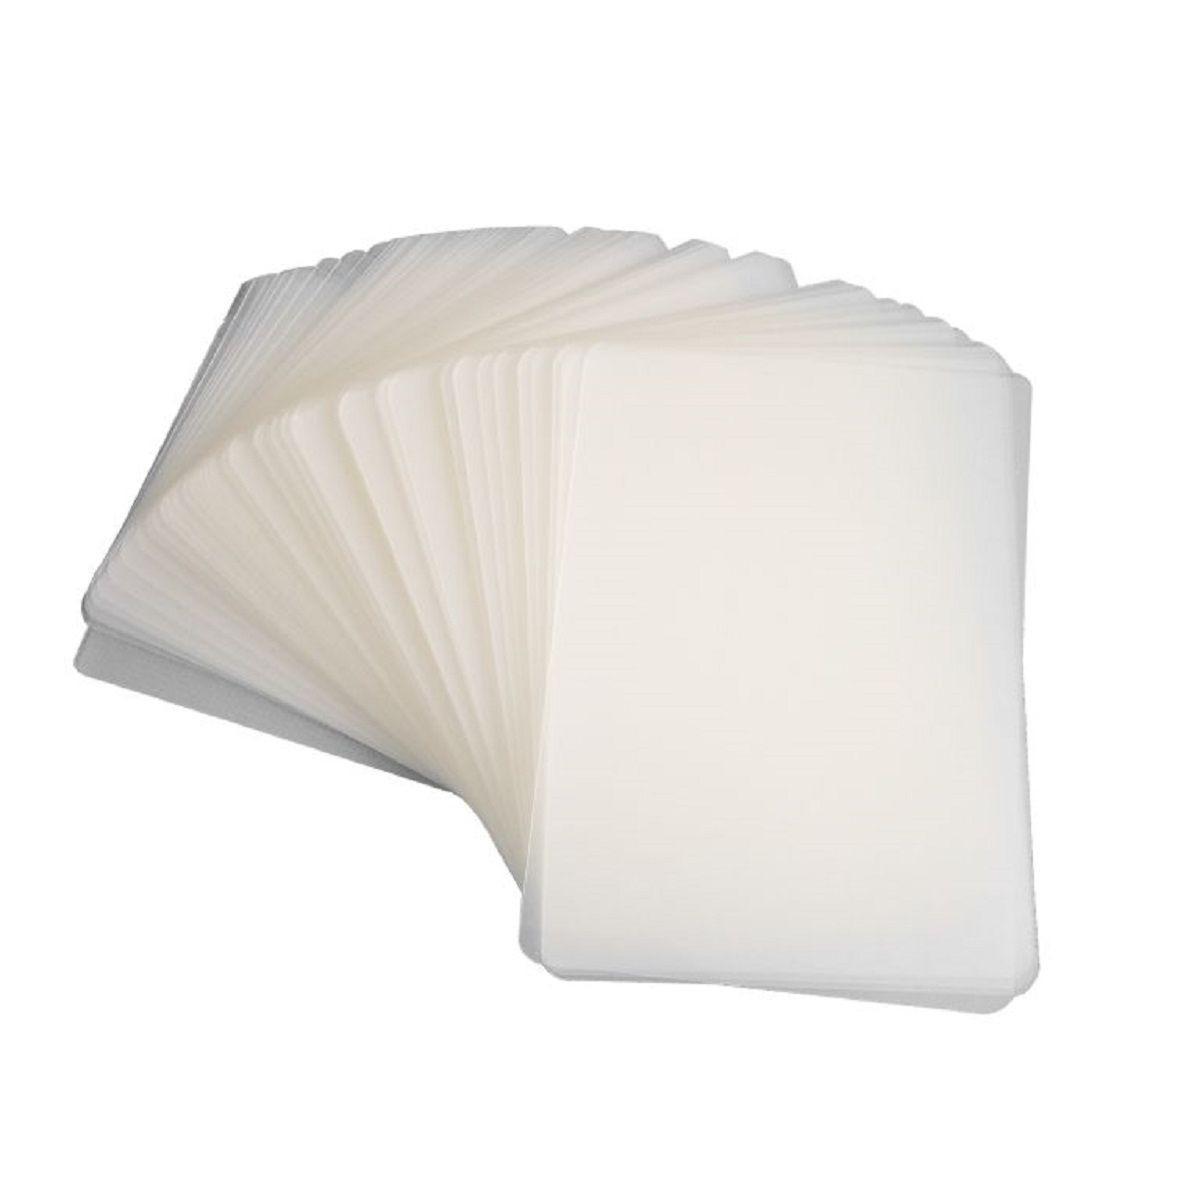 Kit 300 Plasticos Polaseal para Plastificação RG 80x110x0,05mm (125 micras)  - Click Suprimentos